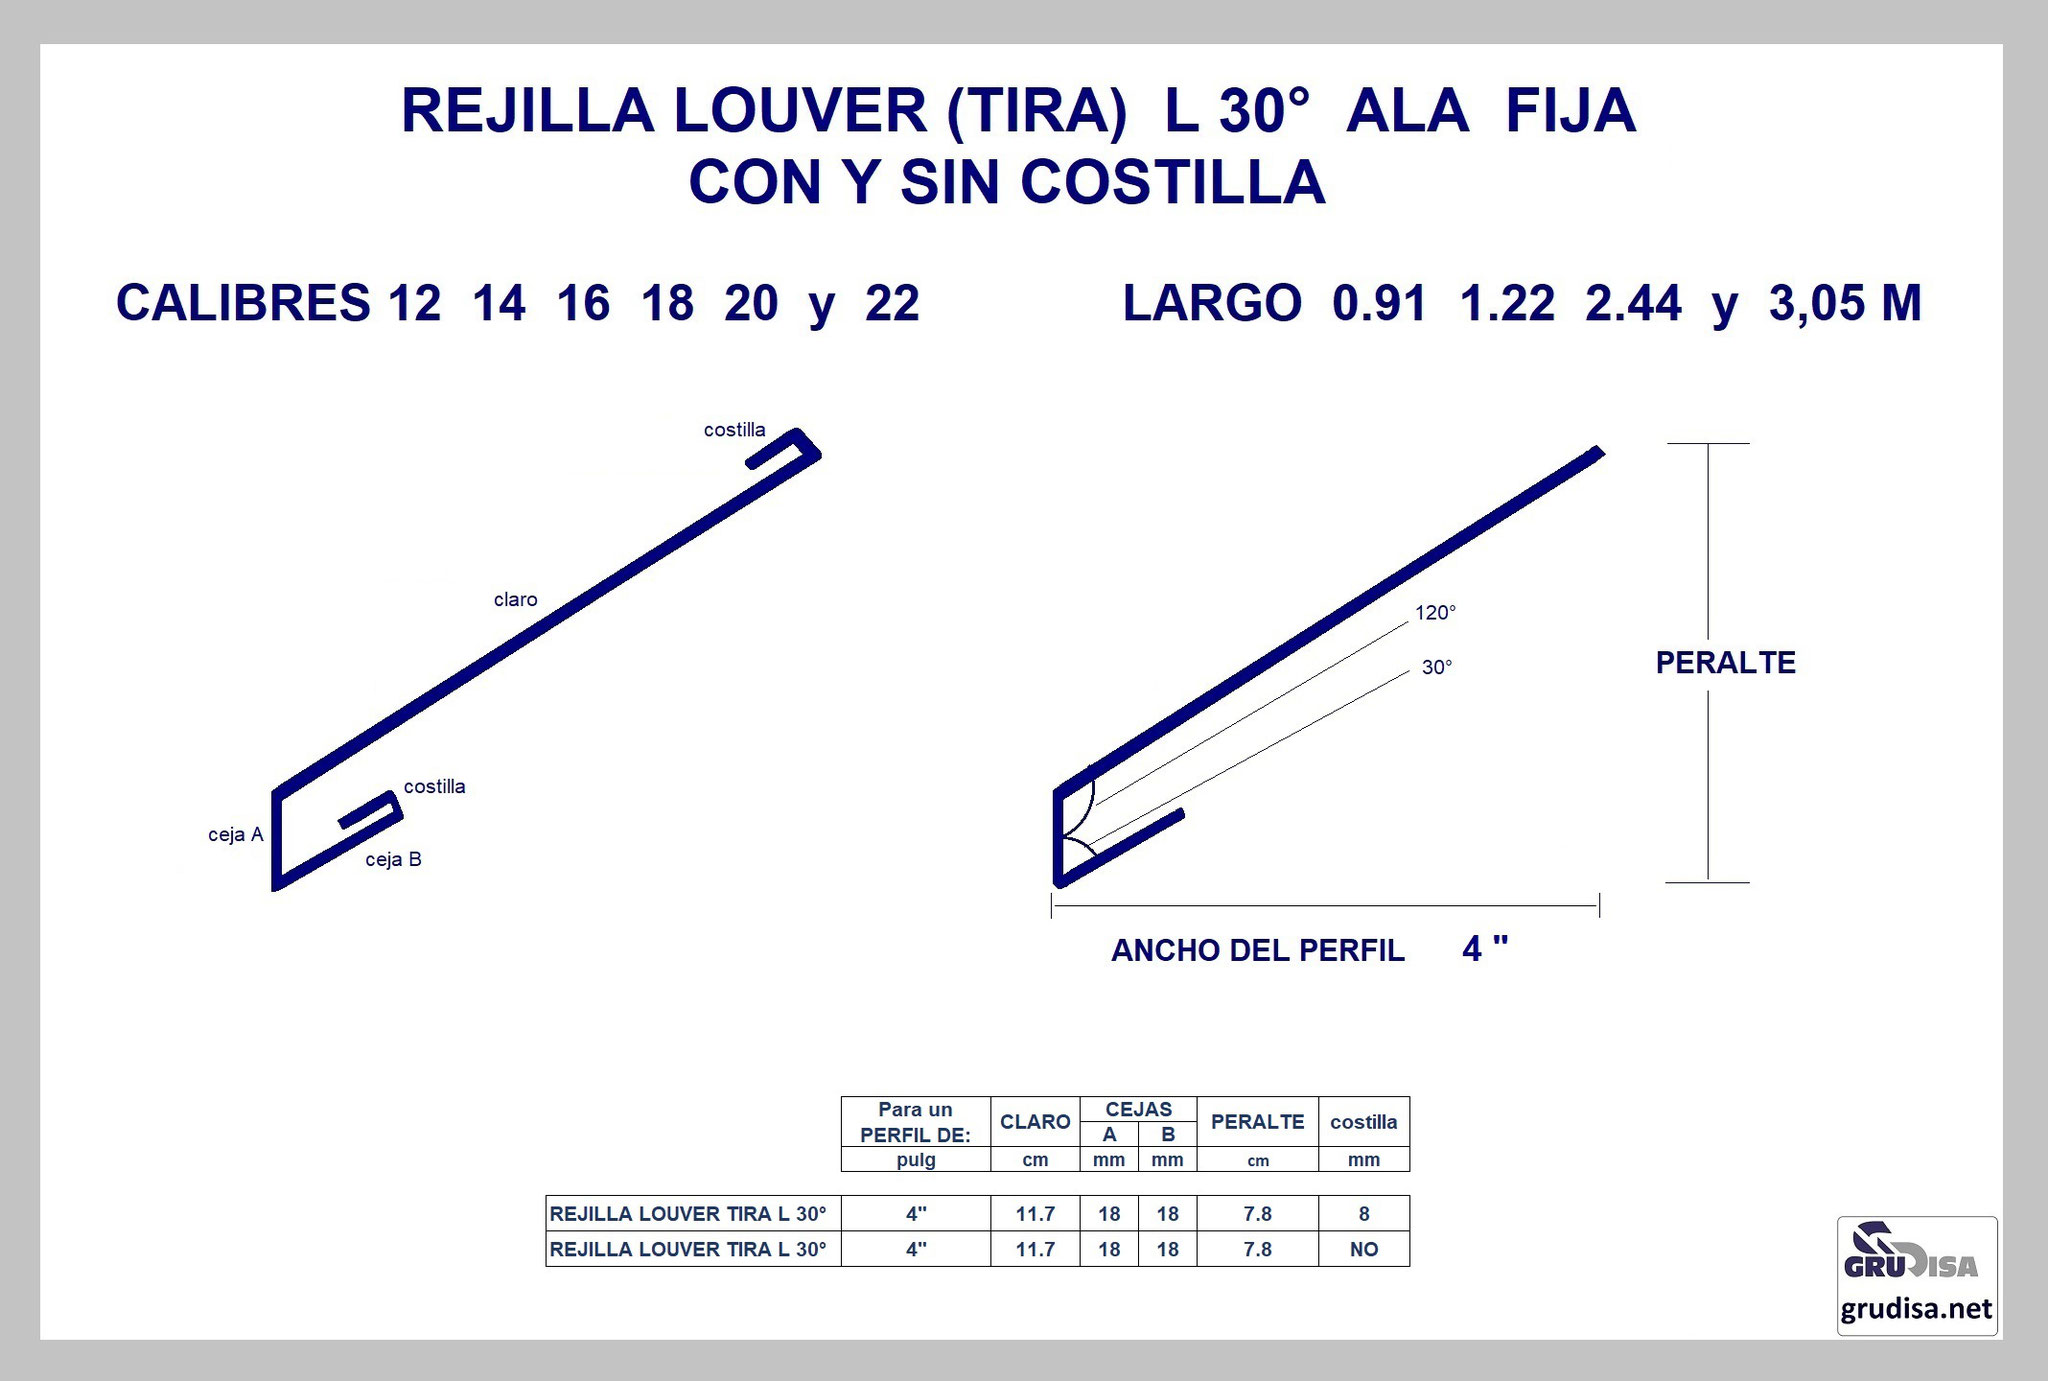 """REJILLA LOUVER (TIRA) L 30° Para PERFIL de 4"""" CON y SIN COSTILLA"""